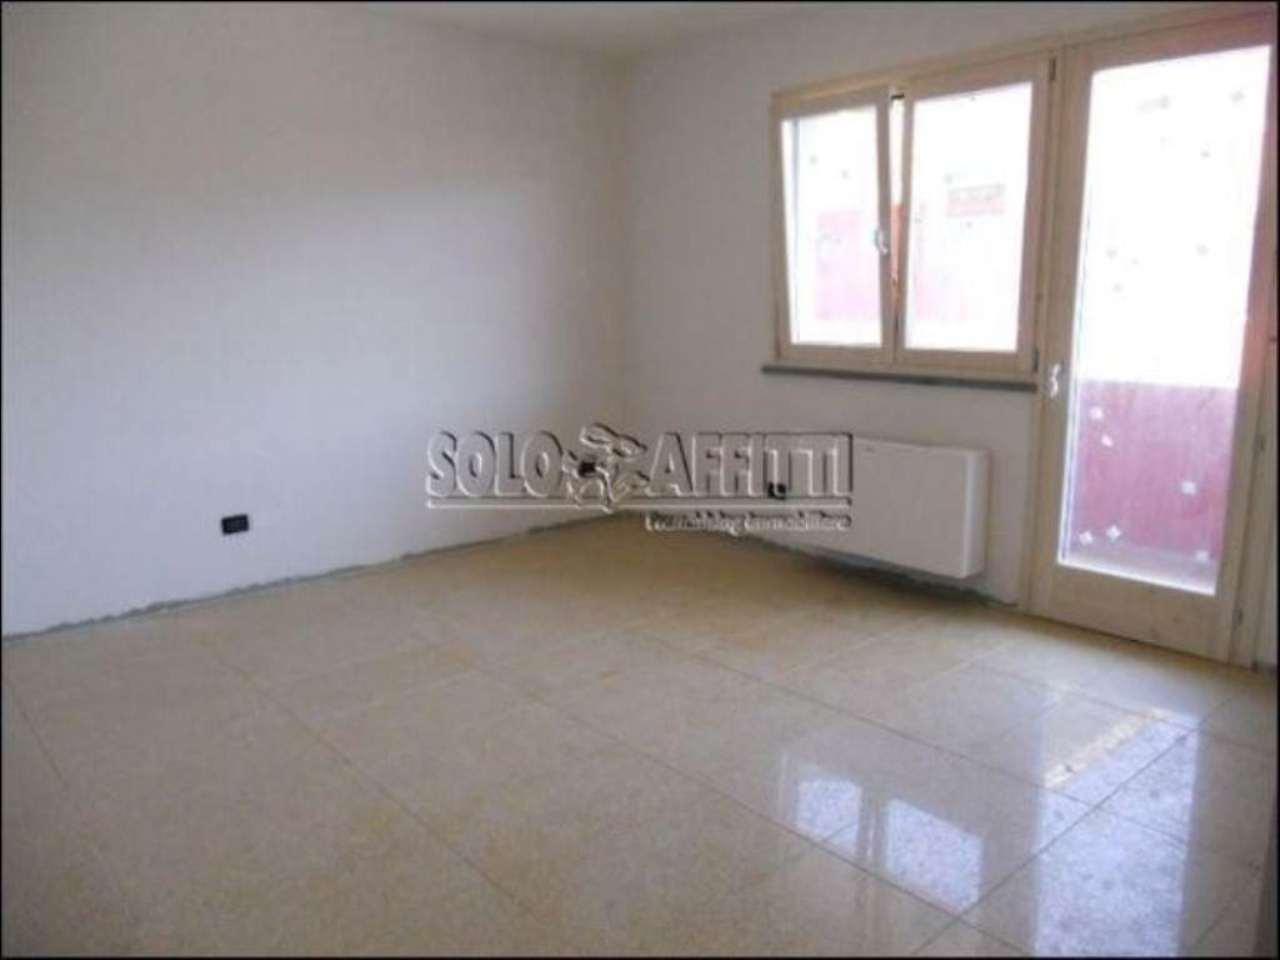 Ufficio / Studio in affitto a Monsummano Terme, 1 locali, prezzo € 600 | Cambio Casa.it